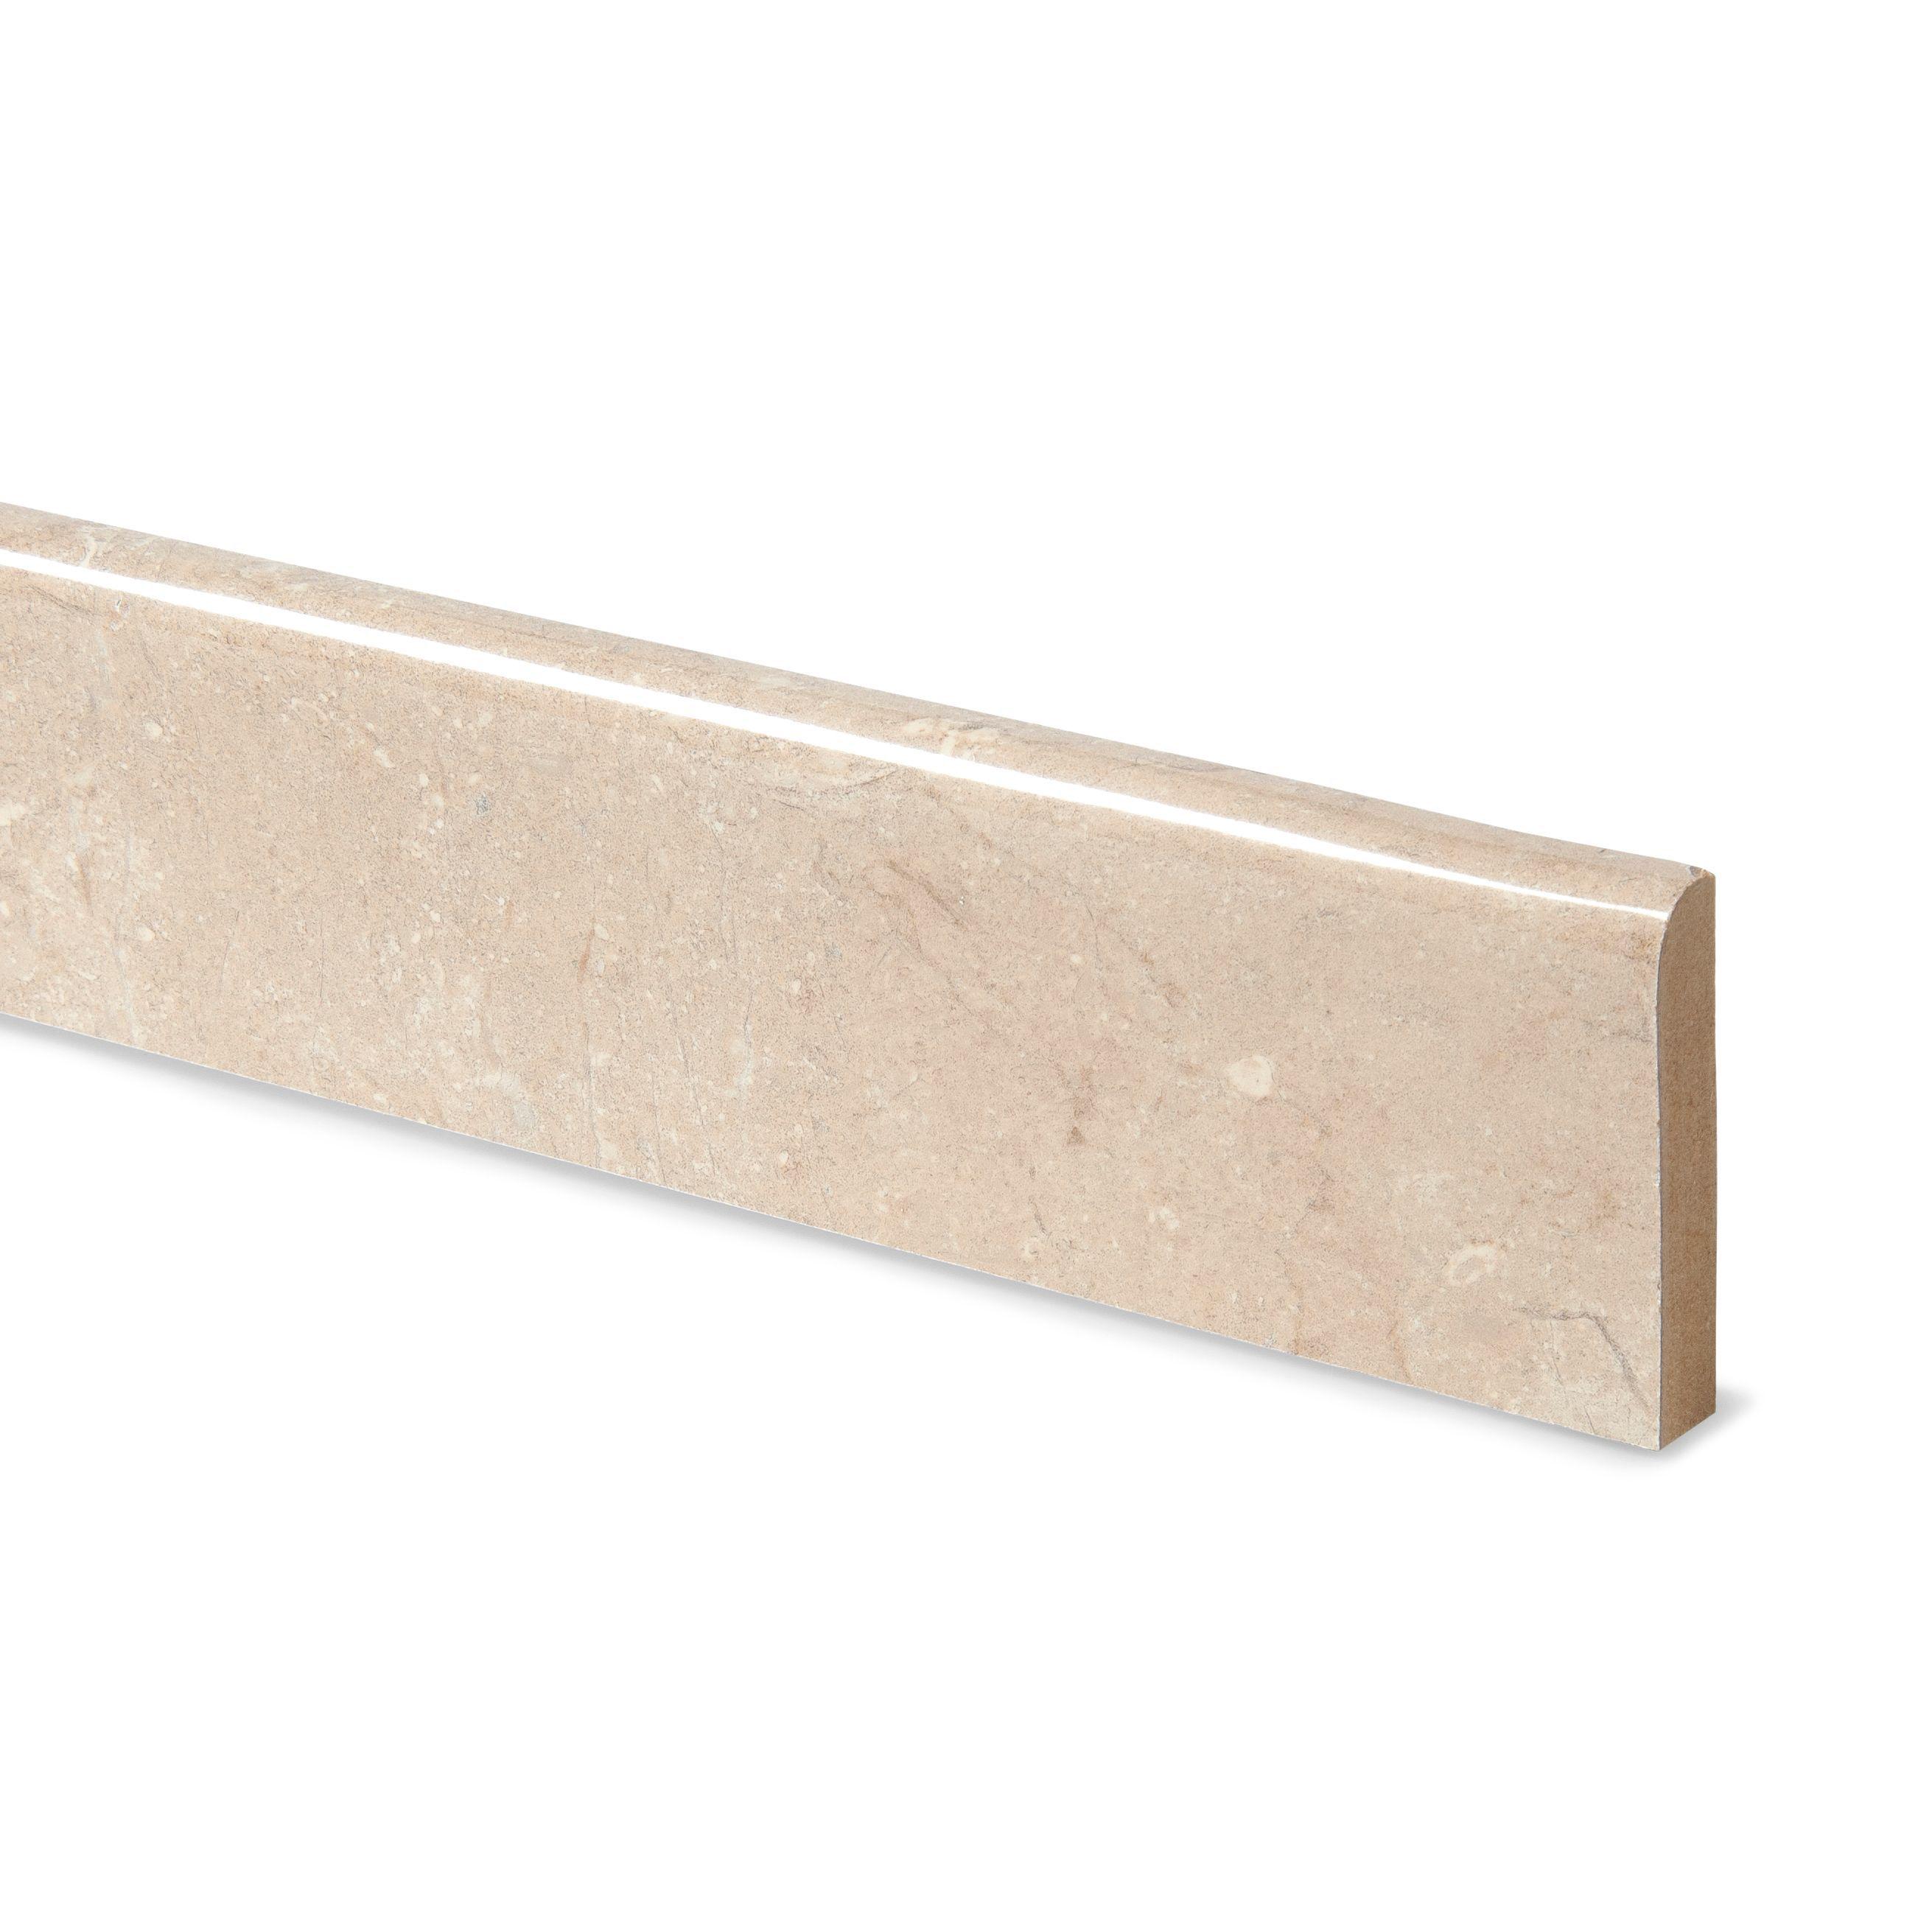 12mm travertine beige laminate upstand departments - Laminat beige ...